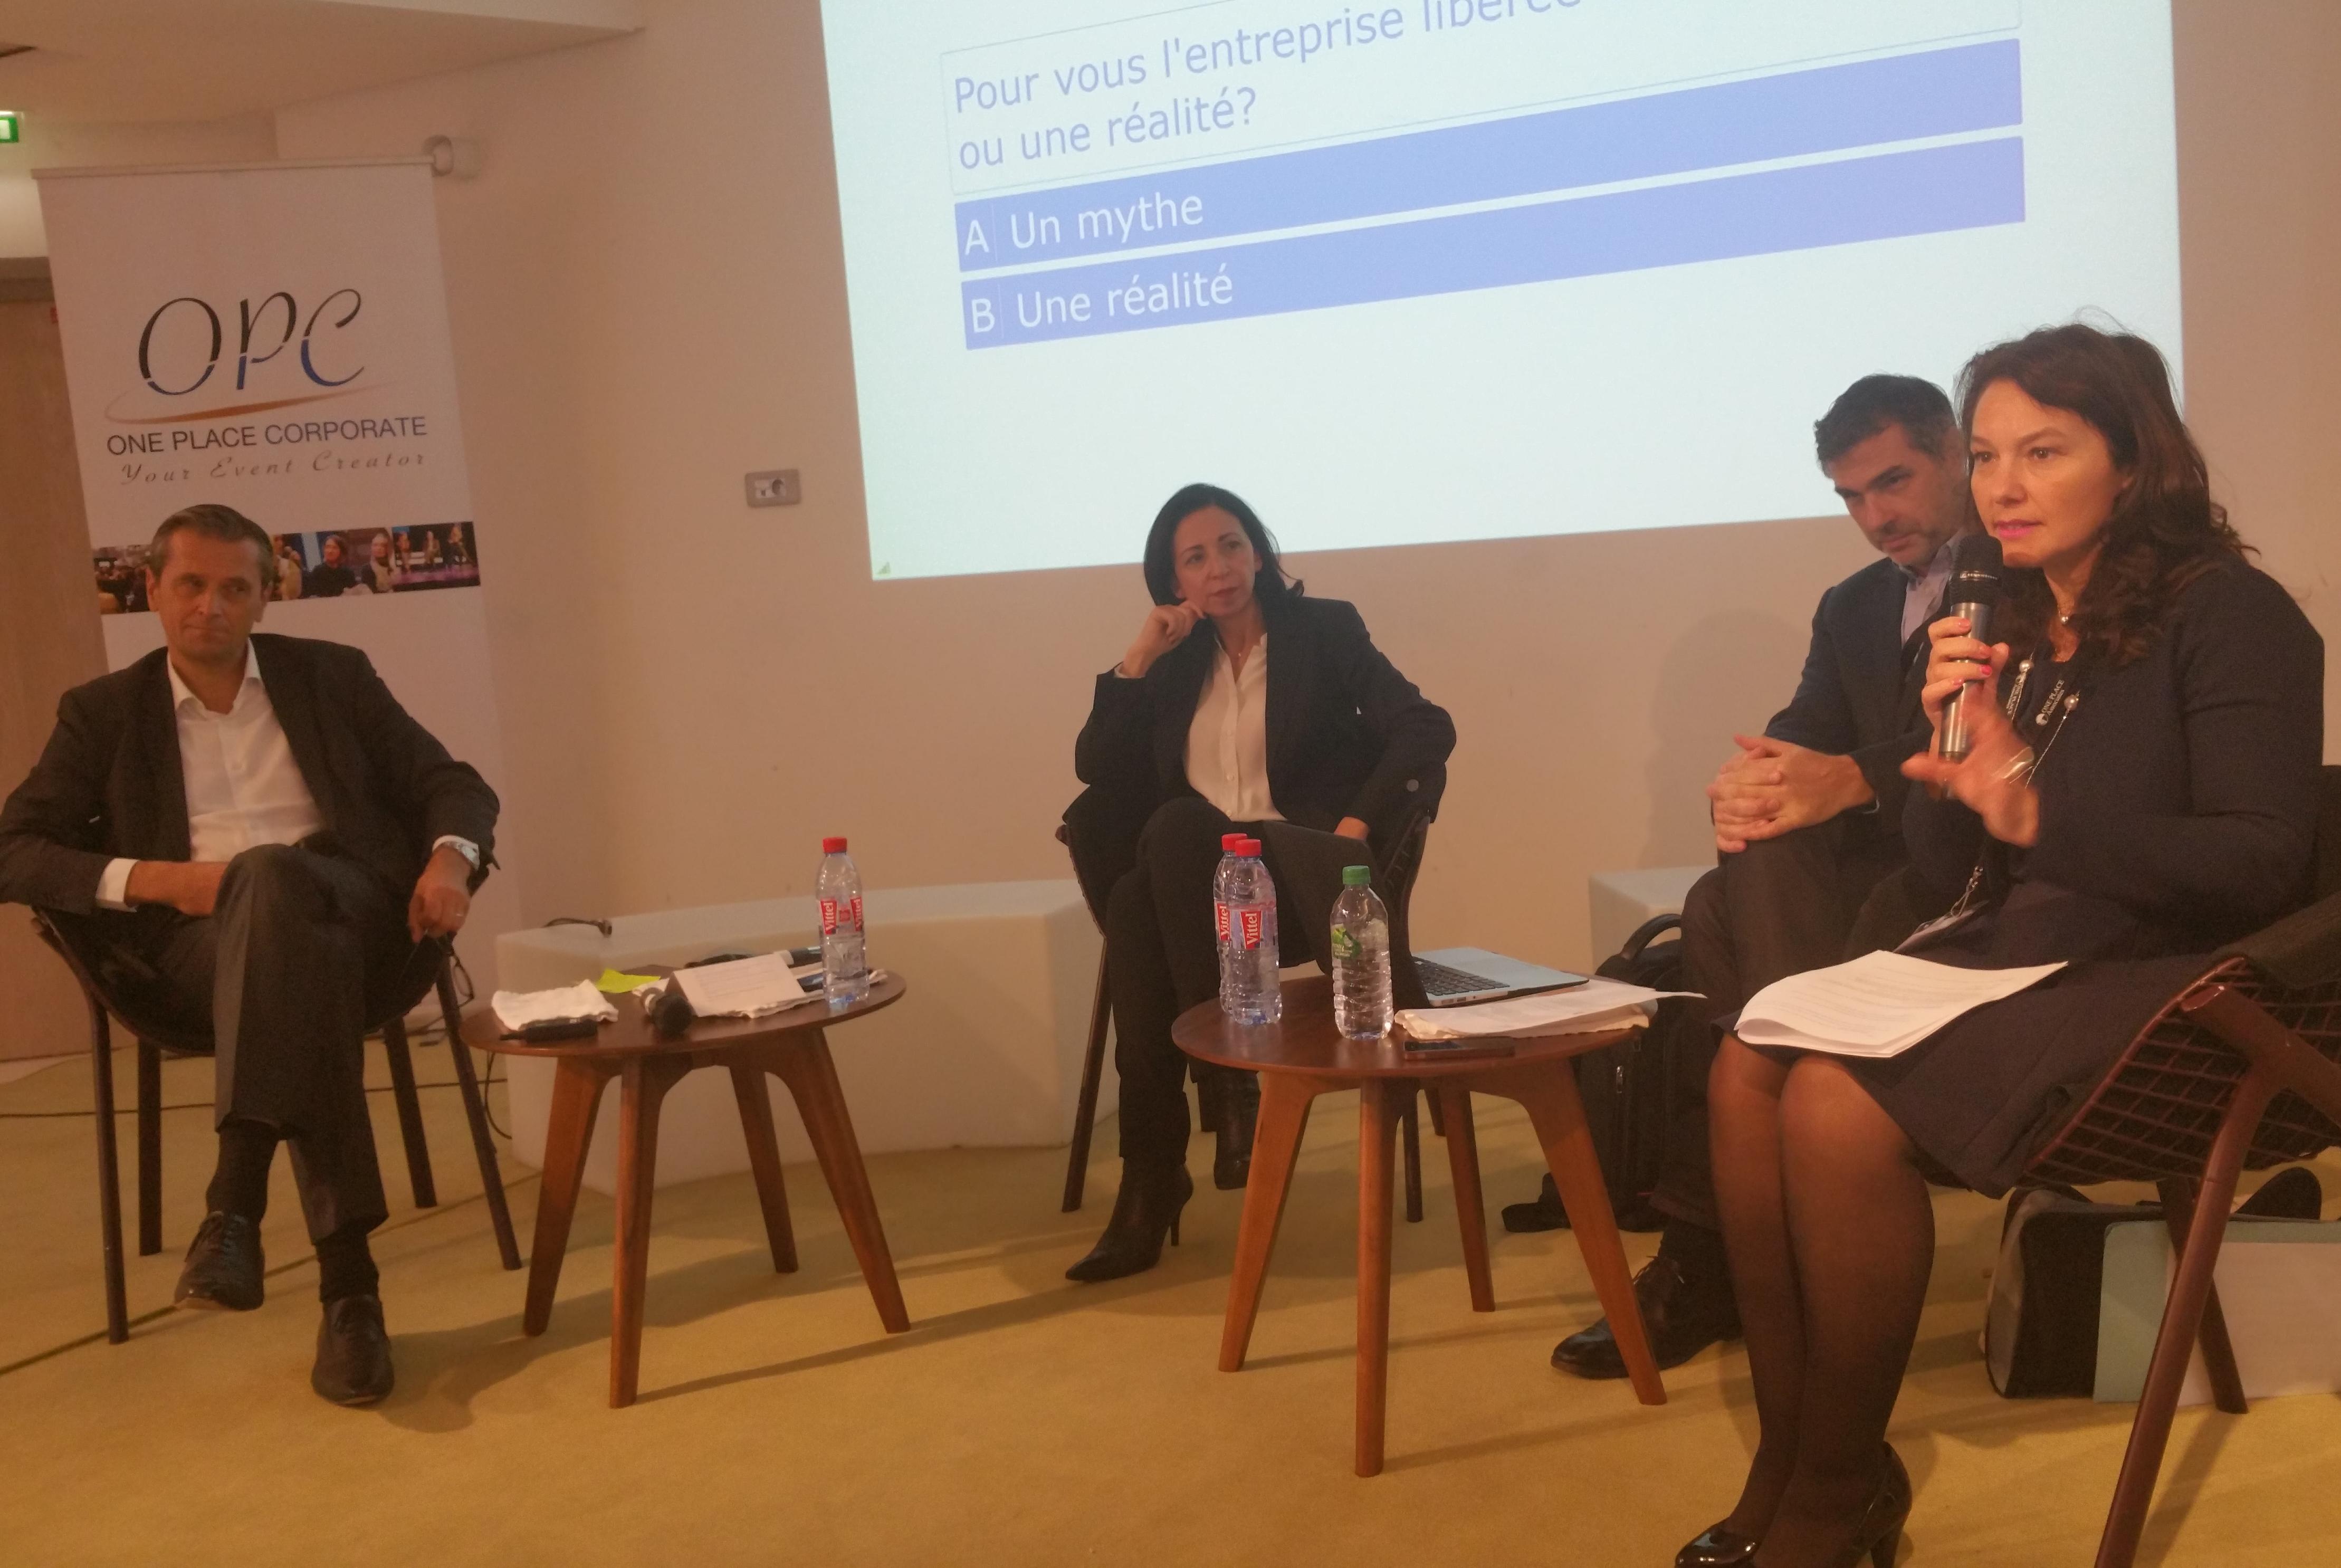 De gauche à droite : Jean Prévost (Axa Banque), Karine Lazimi (Allianz), Franck Perrier (Idaos) Sophie Floreani (BNP Paribas)